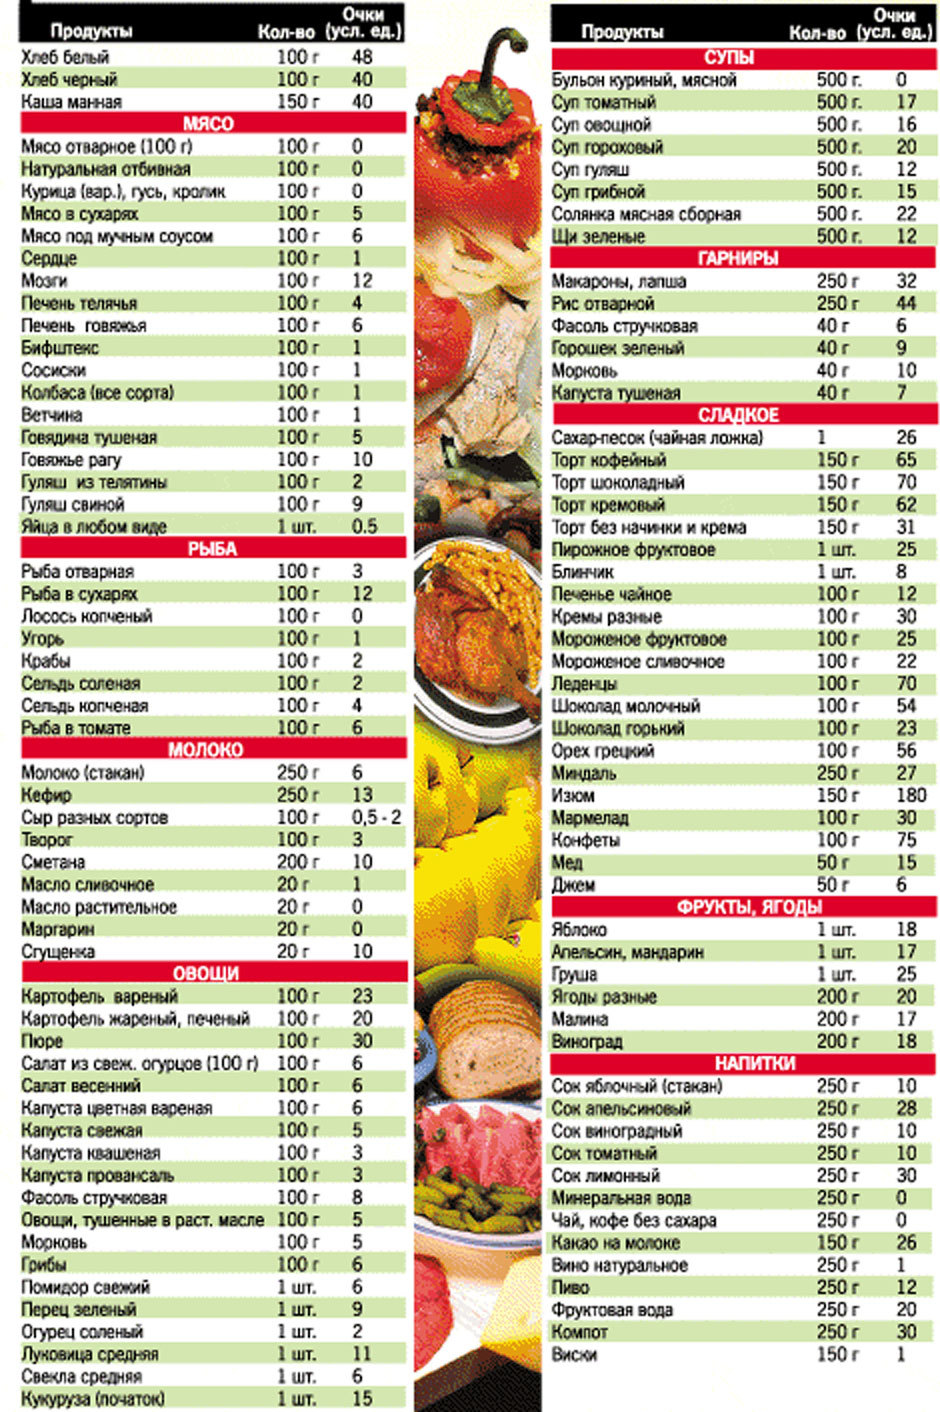 Кремлёвская диета на похудения таблица